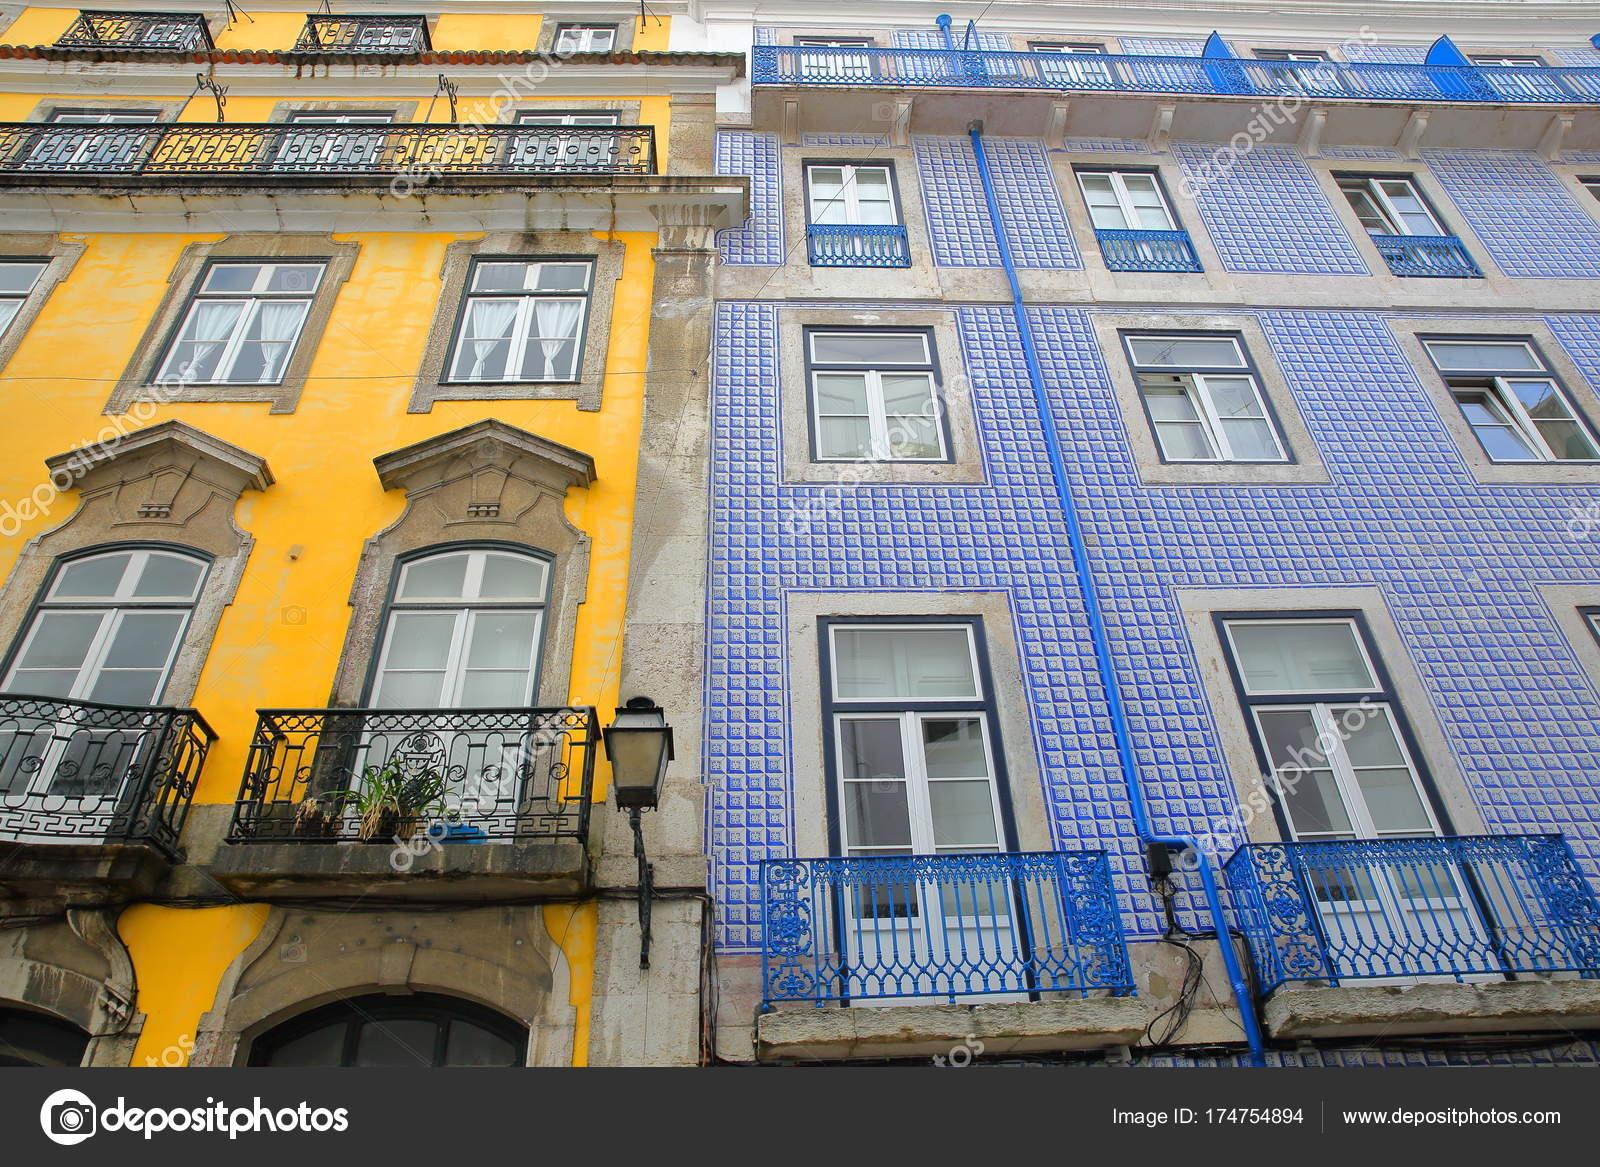 Casa facciate decorate con piastrelle colorate con balconi - Piastrelle balcone ...